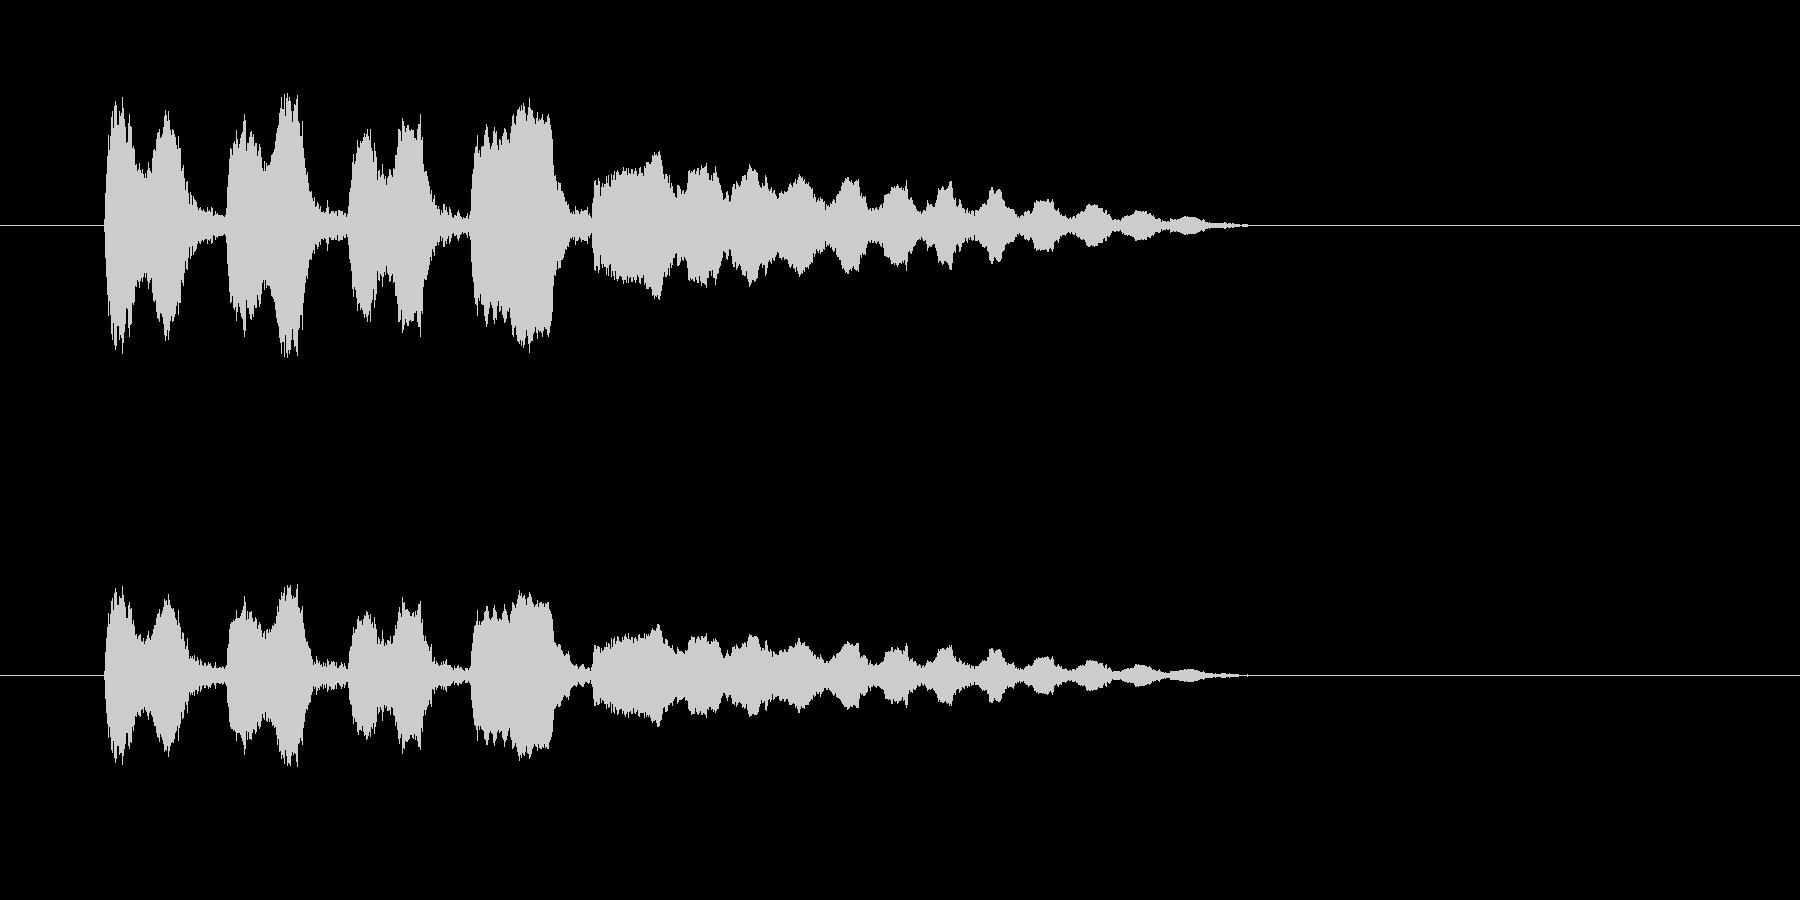 ボワンボワ~ン(力の抜けるオチの音)の未再生の波形